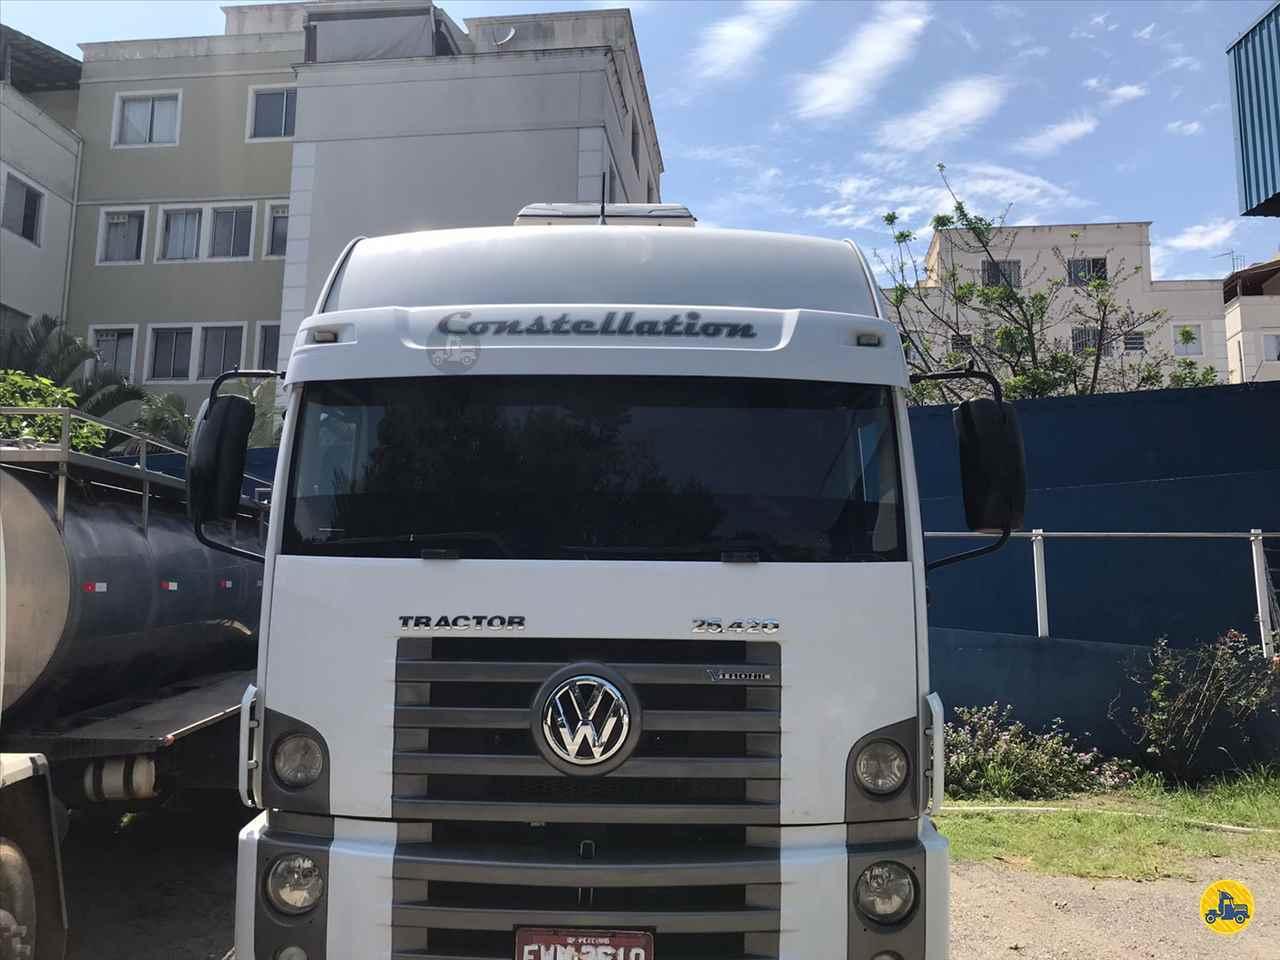 CAMINHAO VOLKSWAGEN VW 25420 Cavalo Mecânico BiTruck 8x2 Wilson Caminhões RIBEIRAO PIRES SÃO PAULO SP